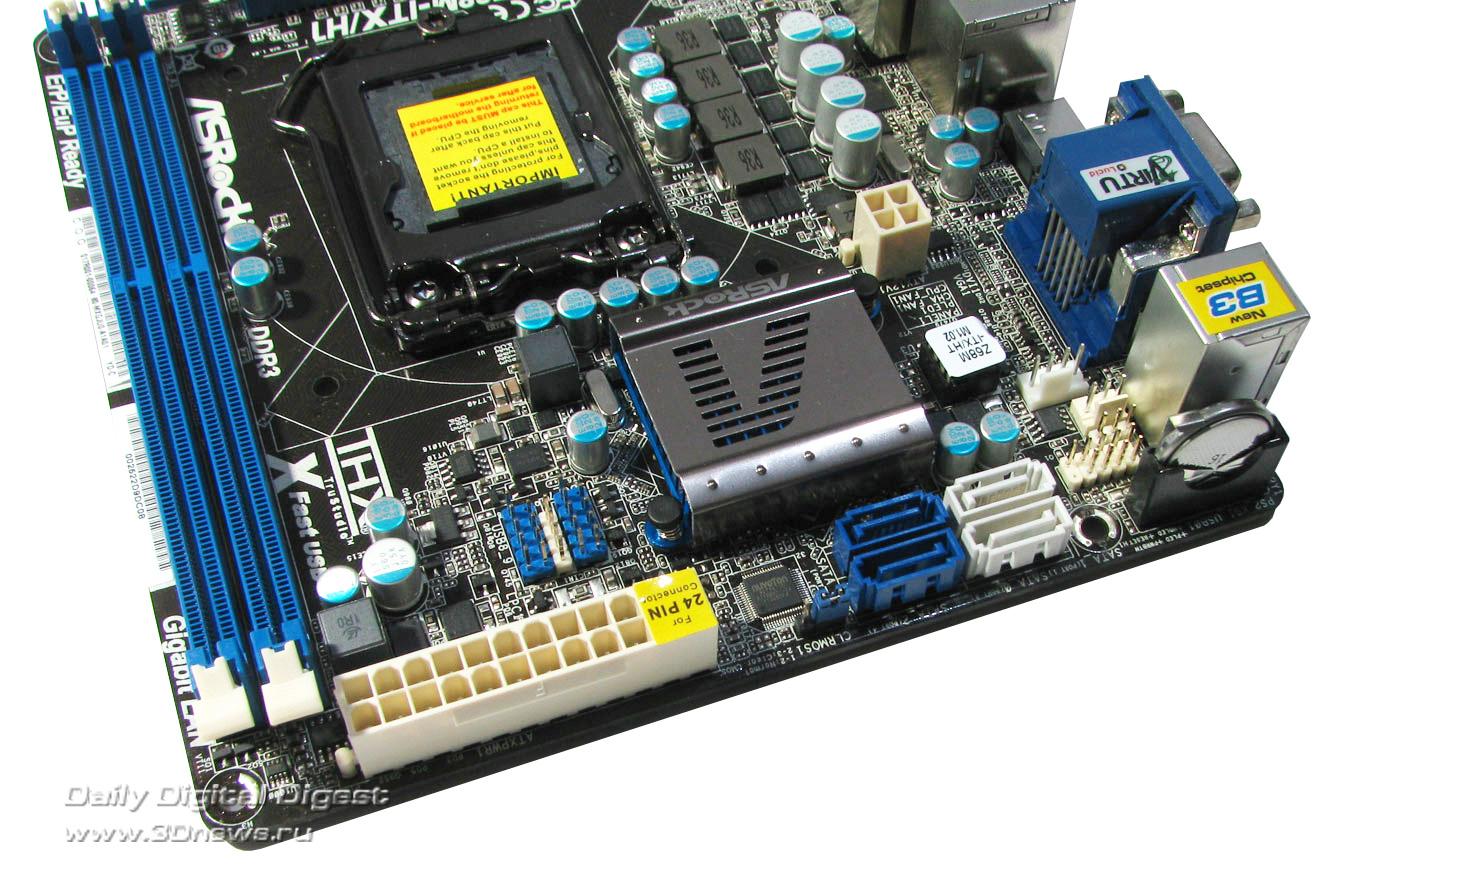 Asrock Z68M-ITX/HT ASMedia USB 3.0 Drivers PC